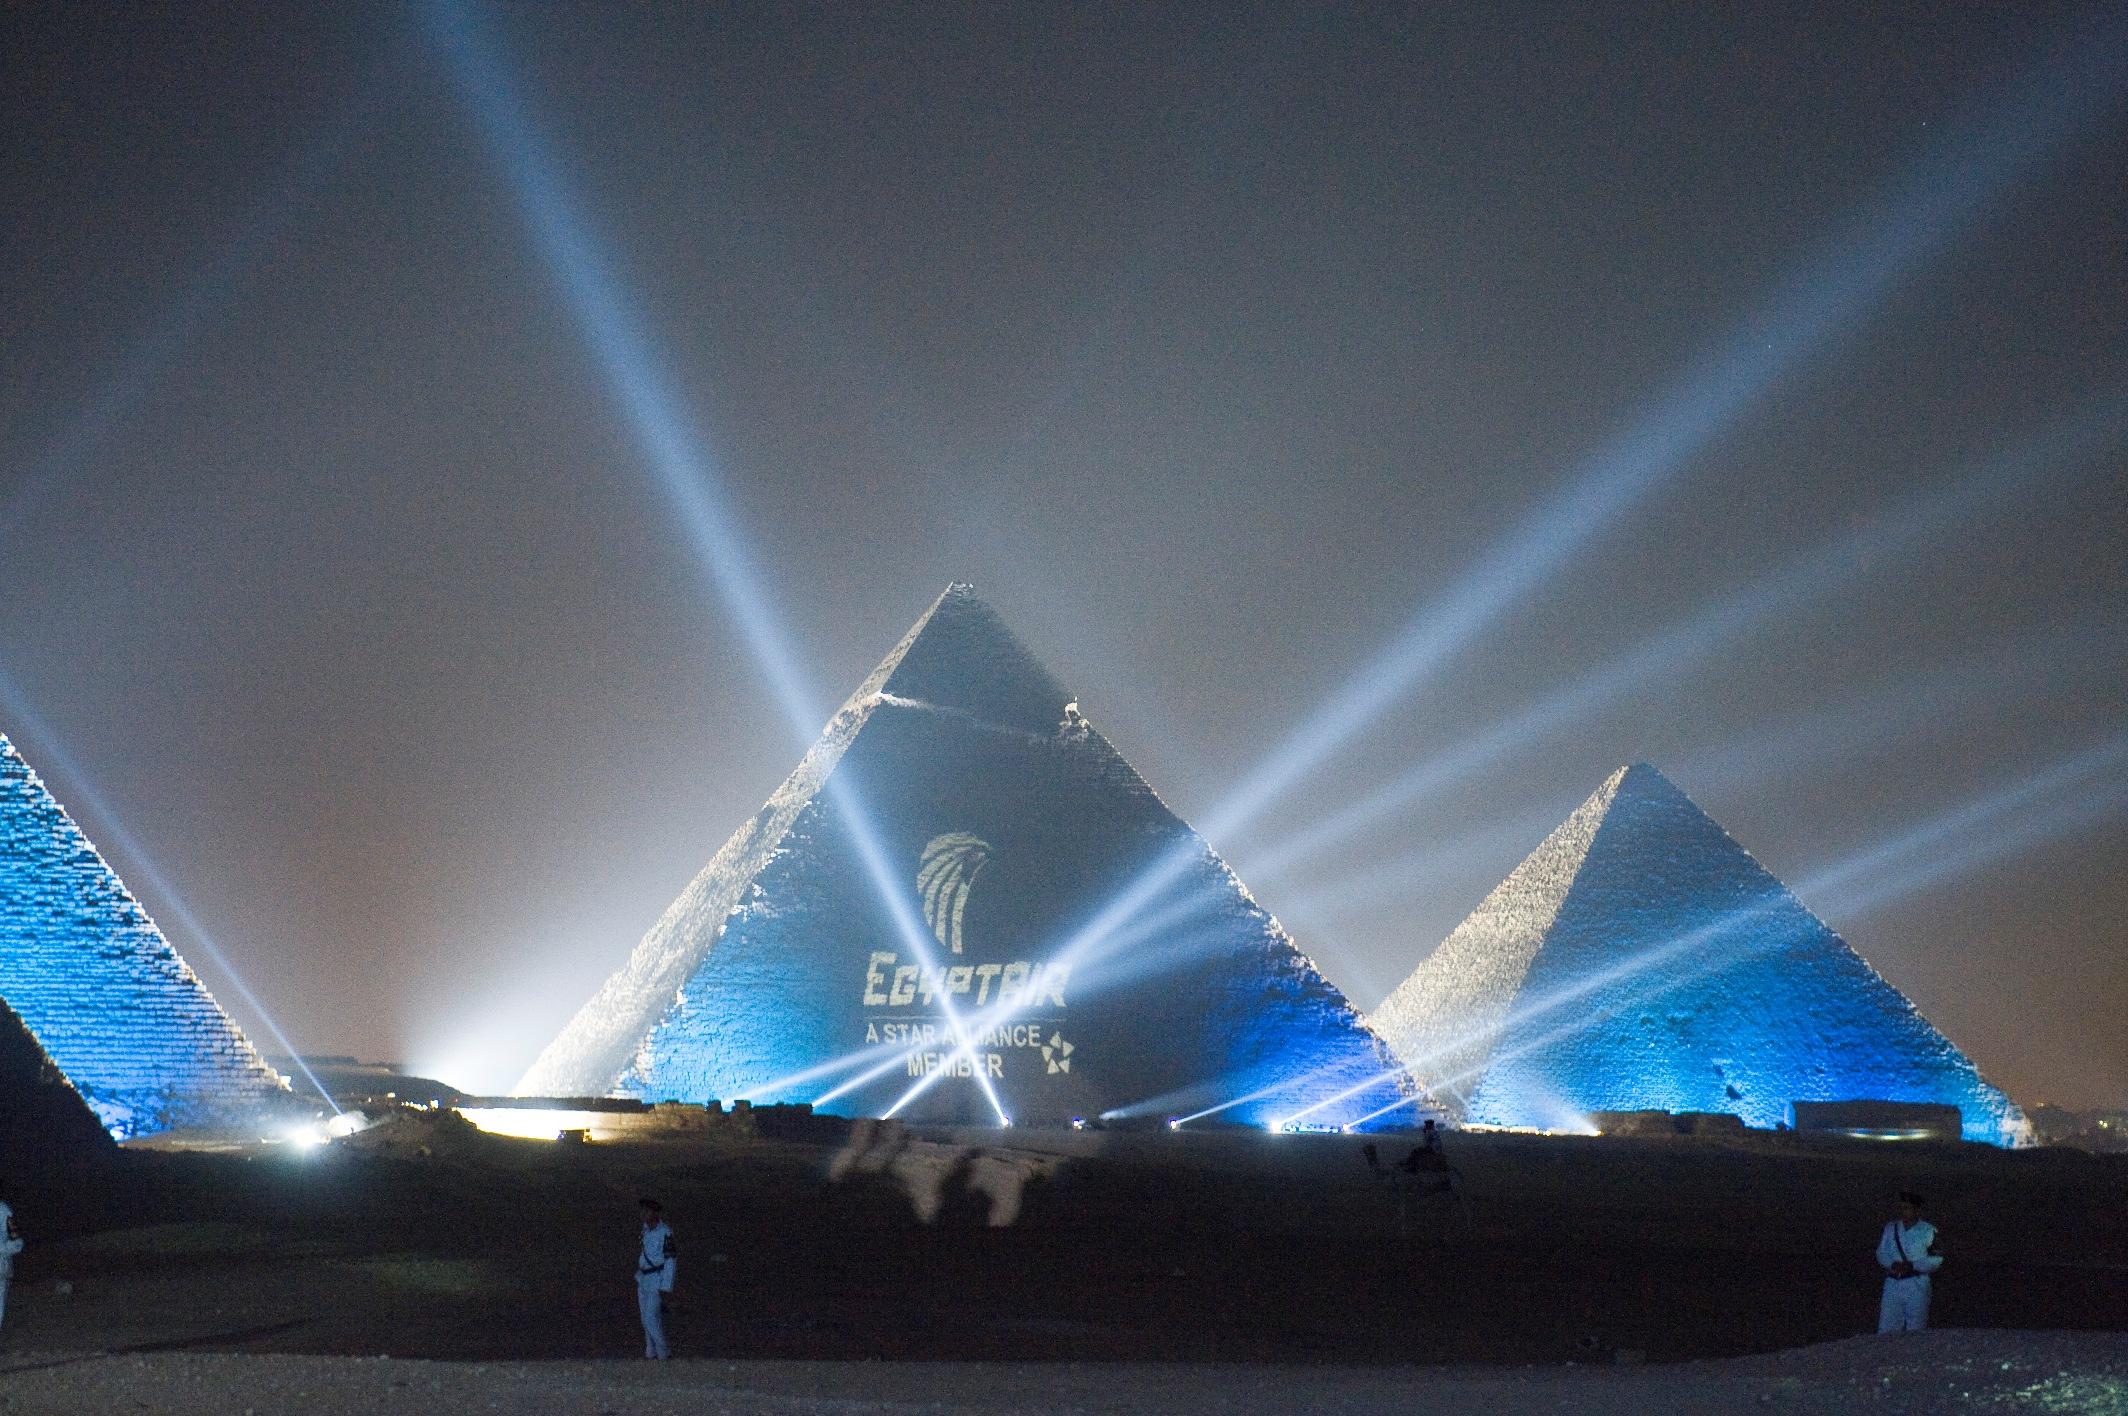 حقيقة اضائة الاهرامات بشعار مصر للطيران حدادا على ضحايا الطائرة المنكوبة